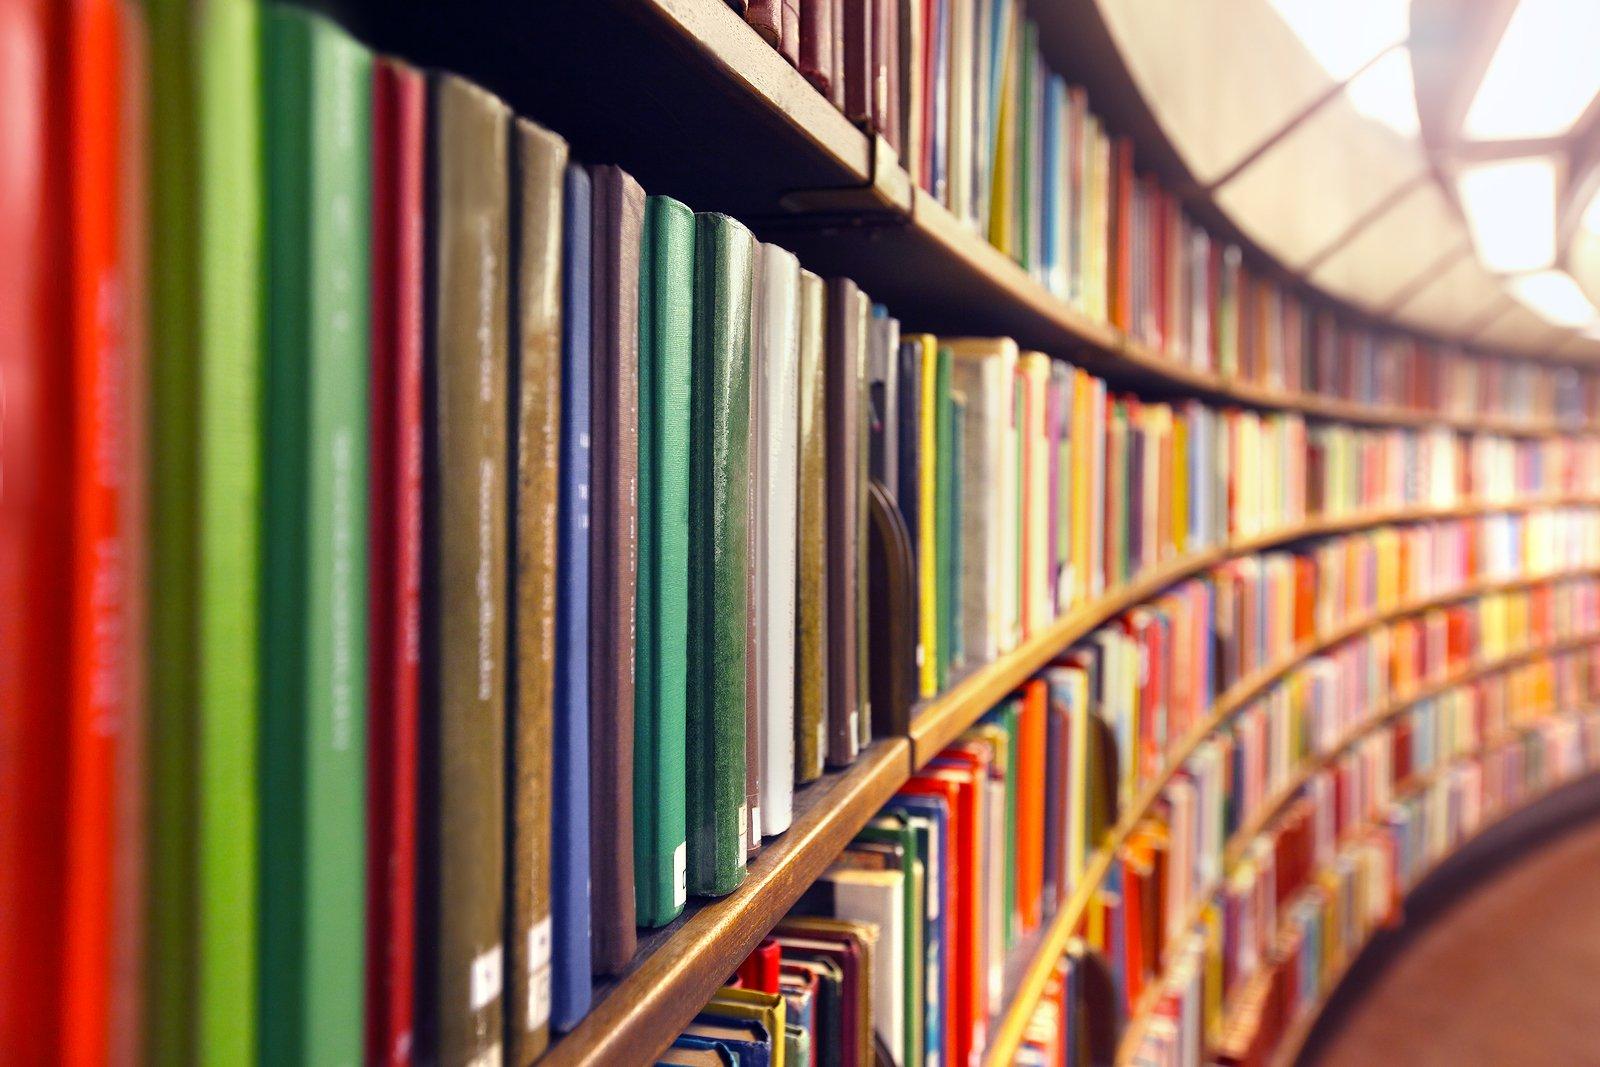 Settlement Planning Education Center